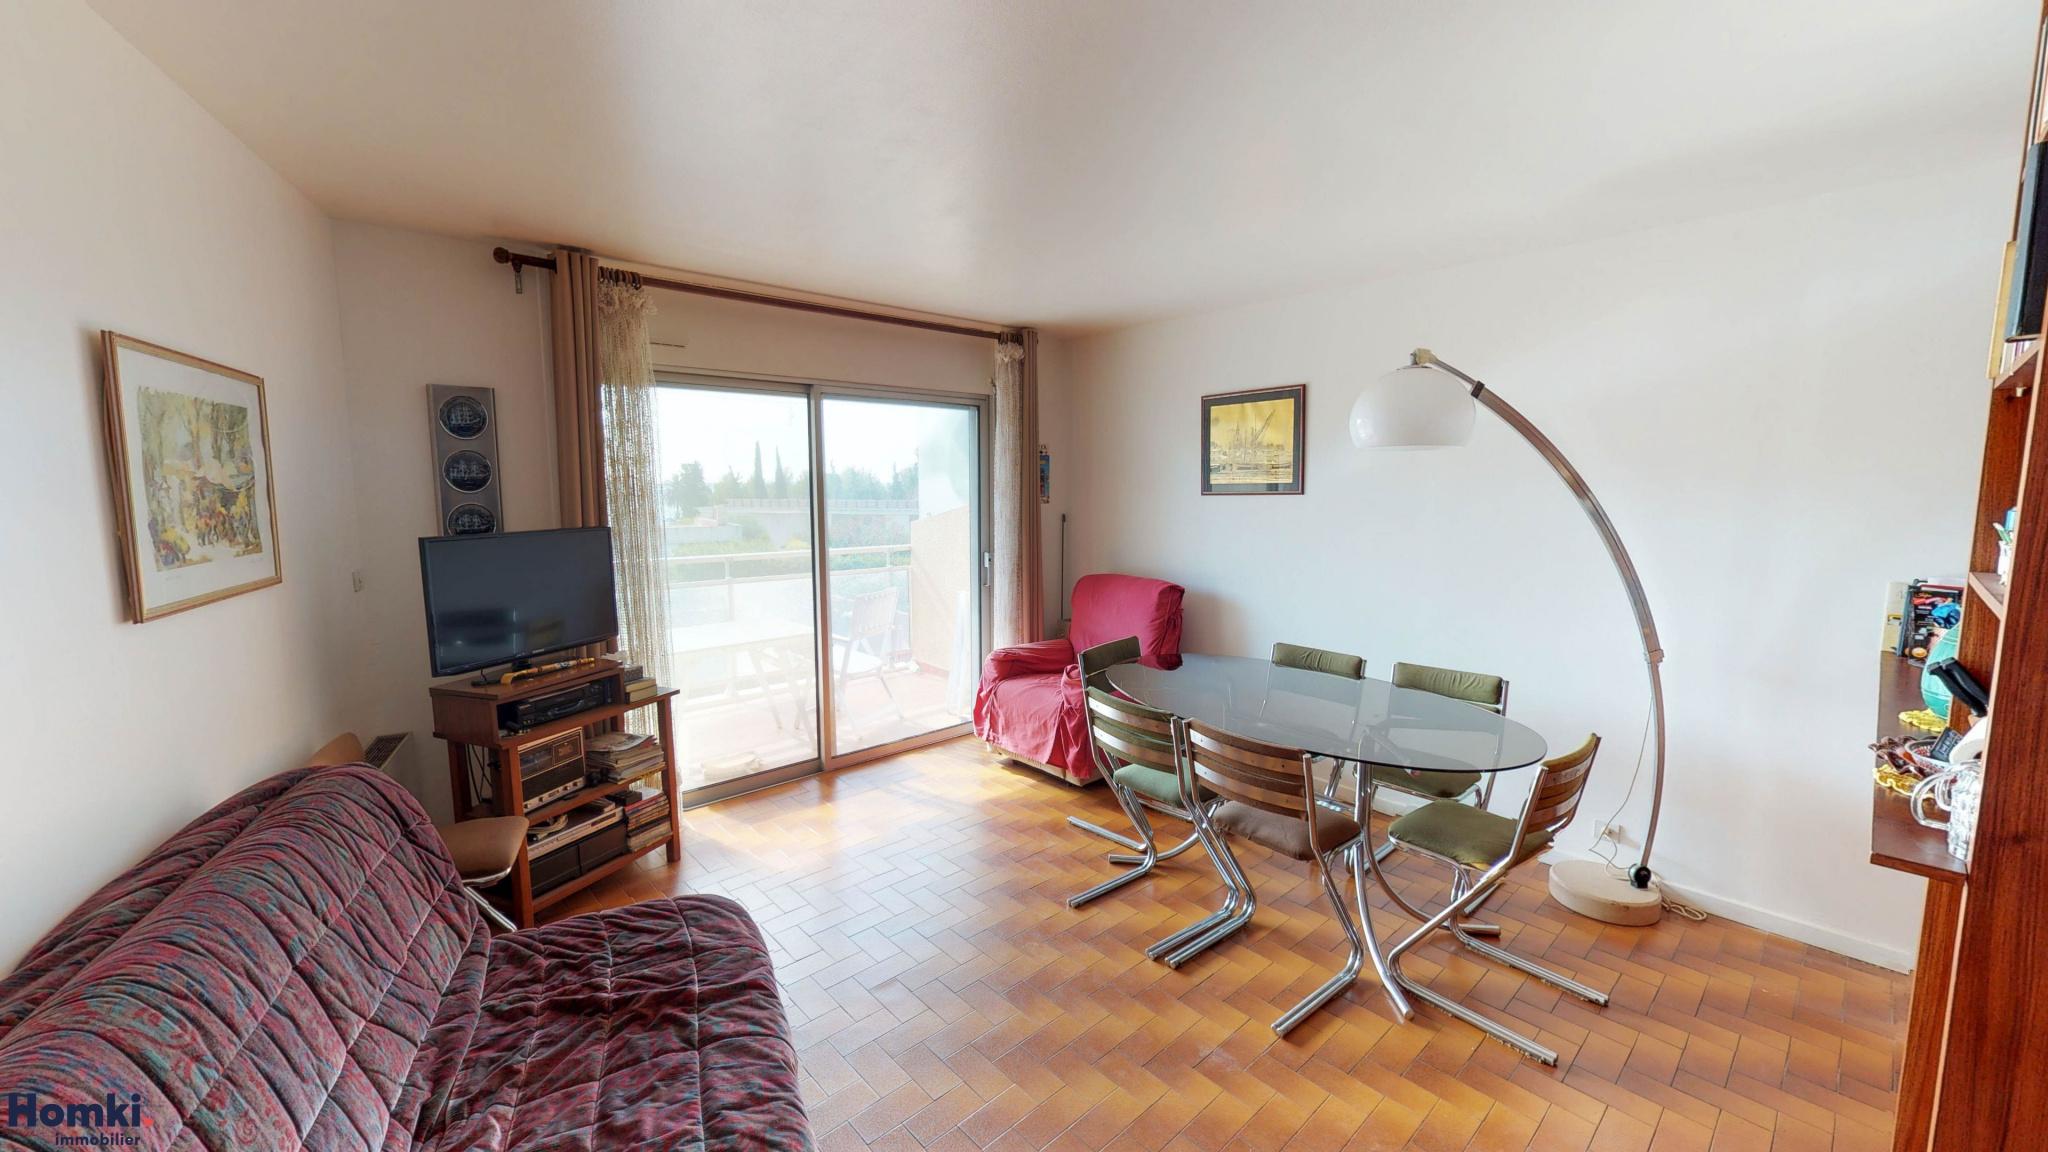 Homki - Vente appartement  de 35.6 m² à la ciotat 13600